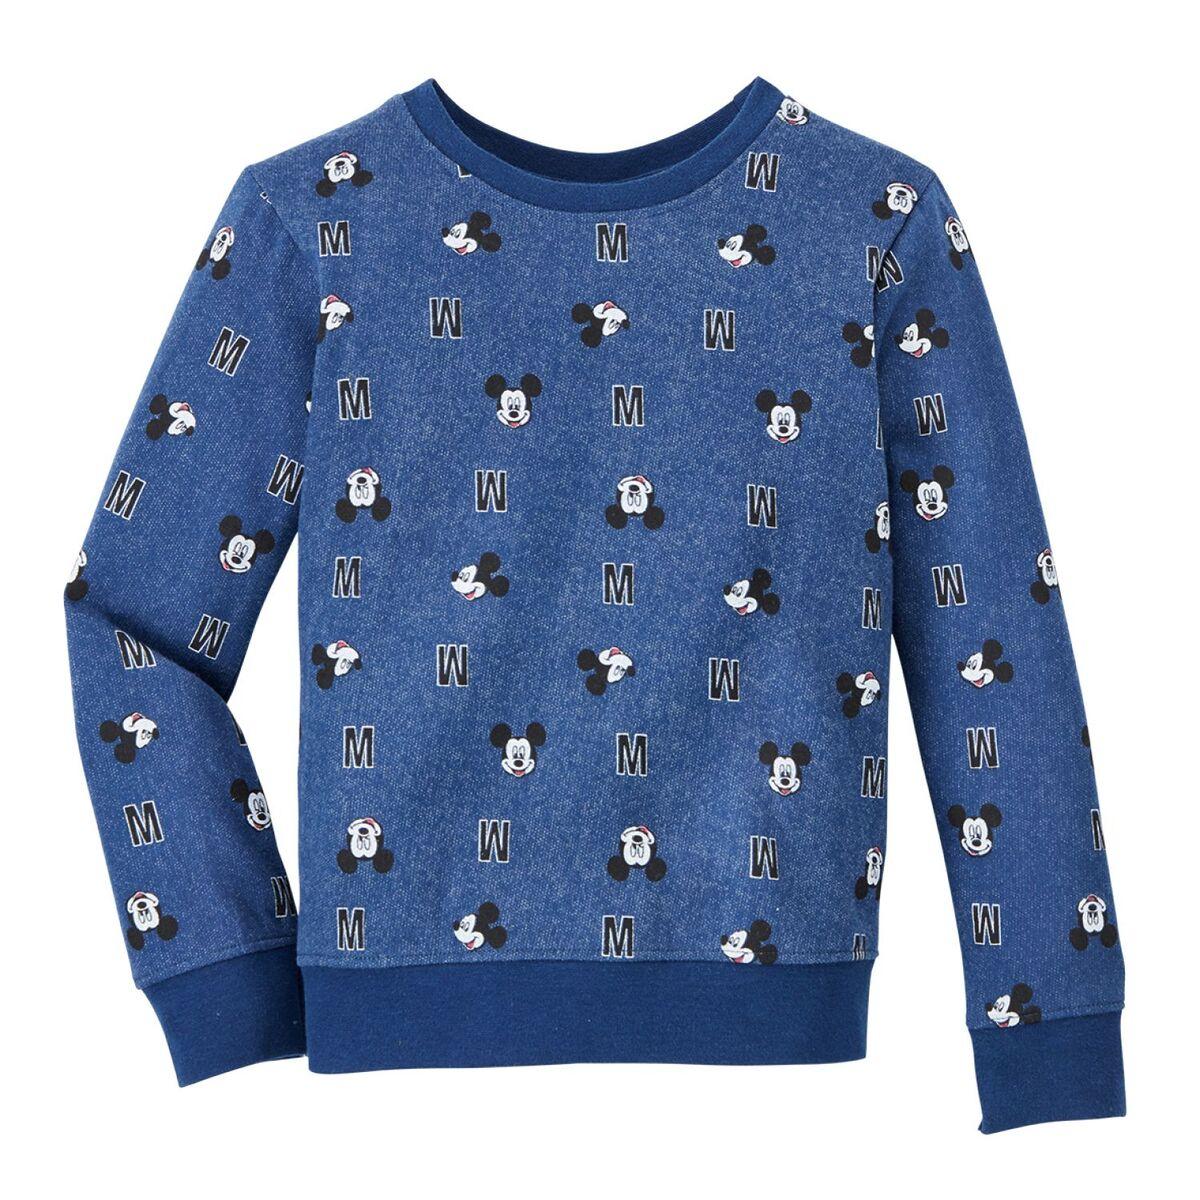 Bild 4 von impidimpi®  Sweatshirt